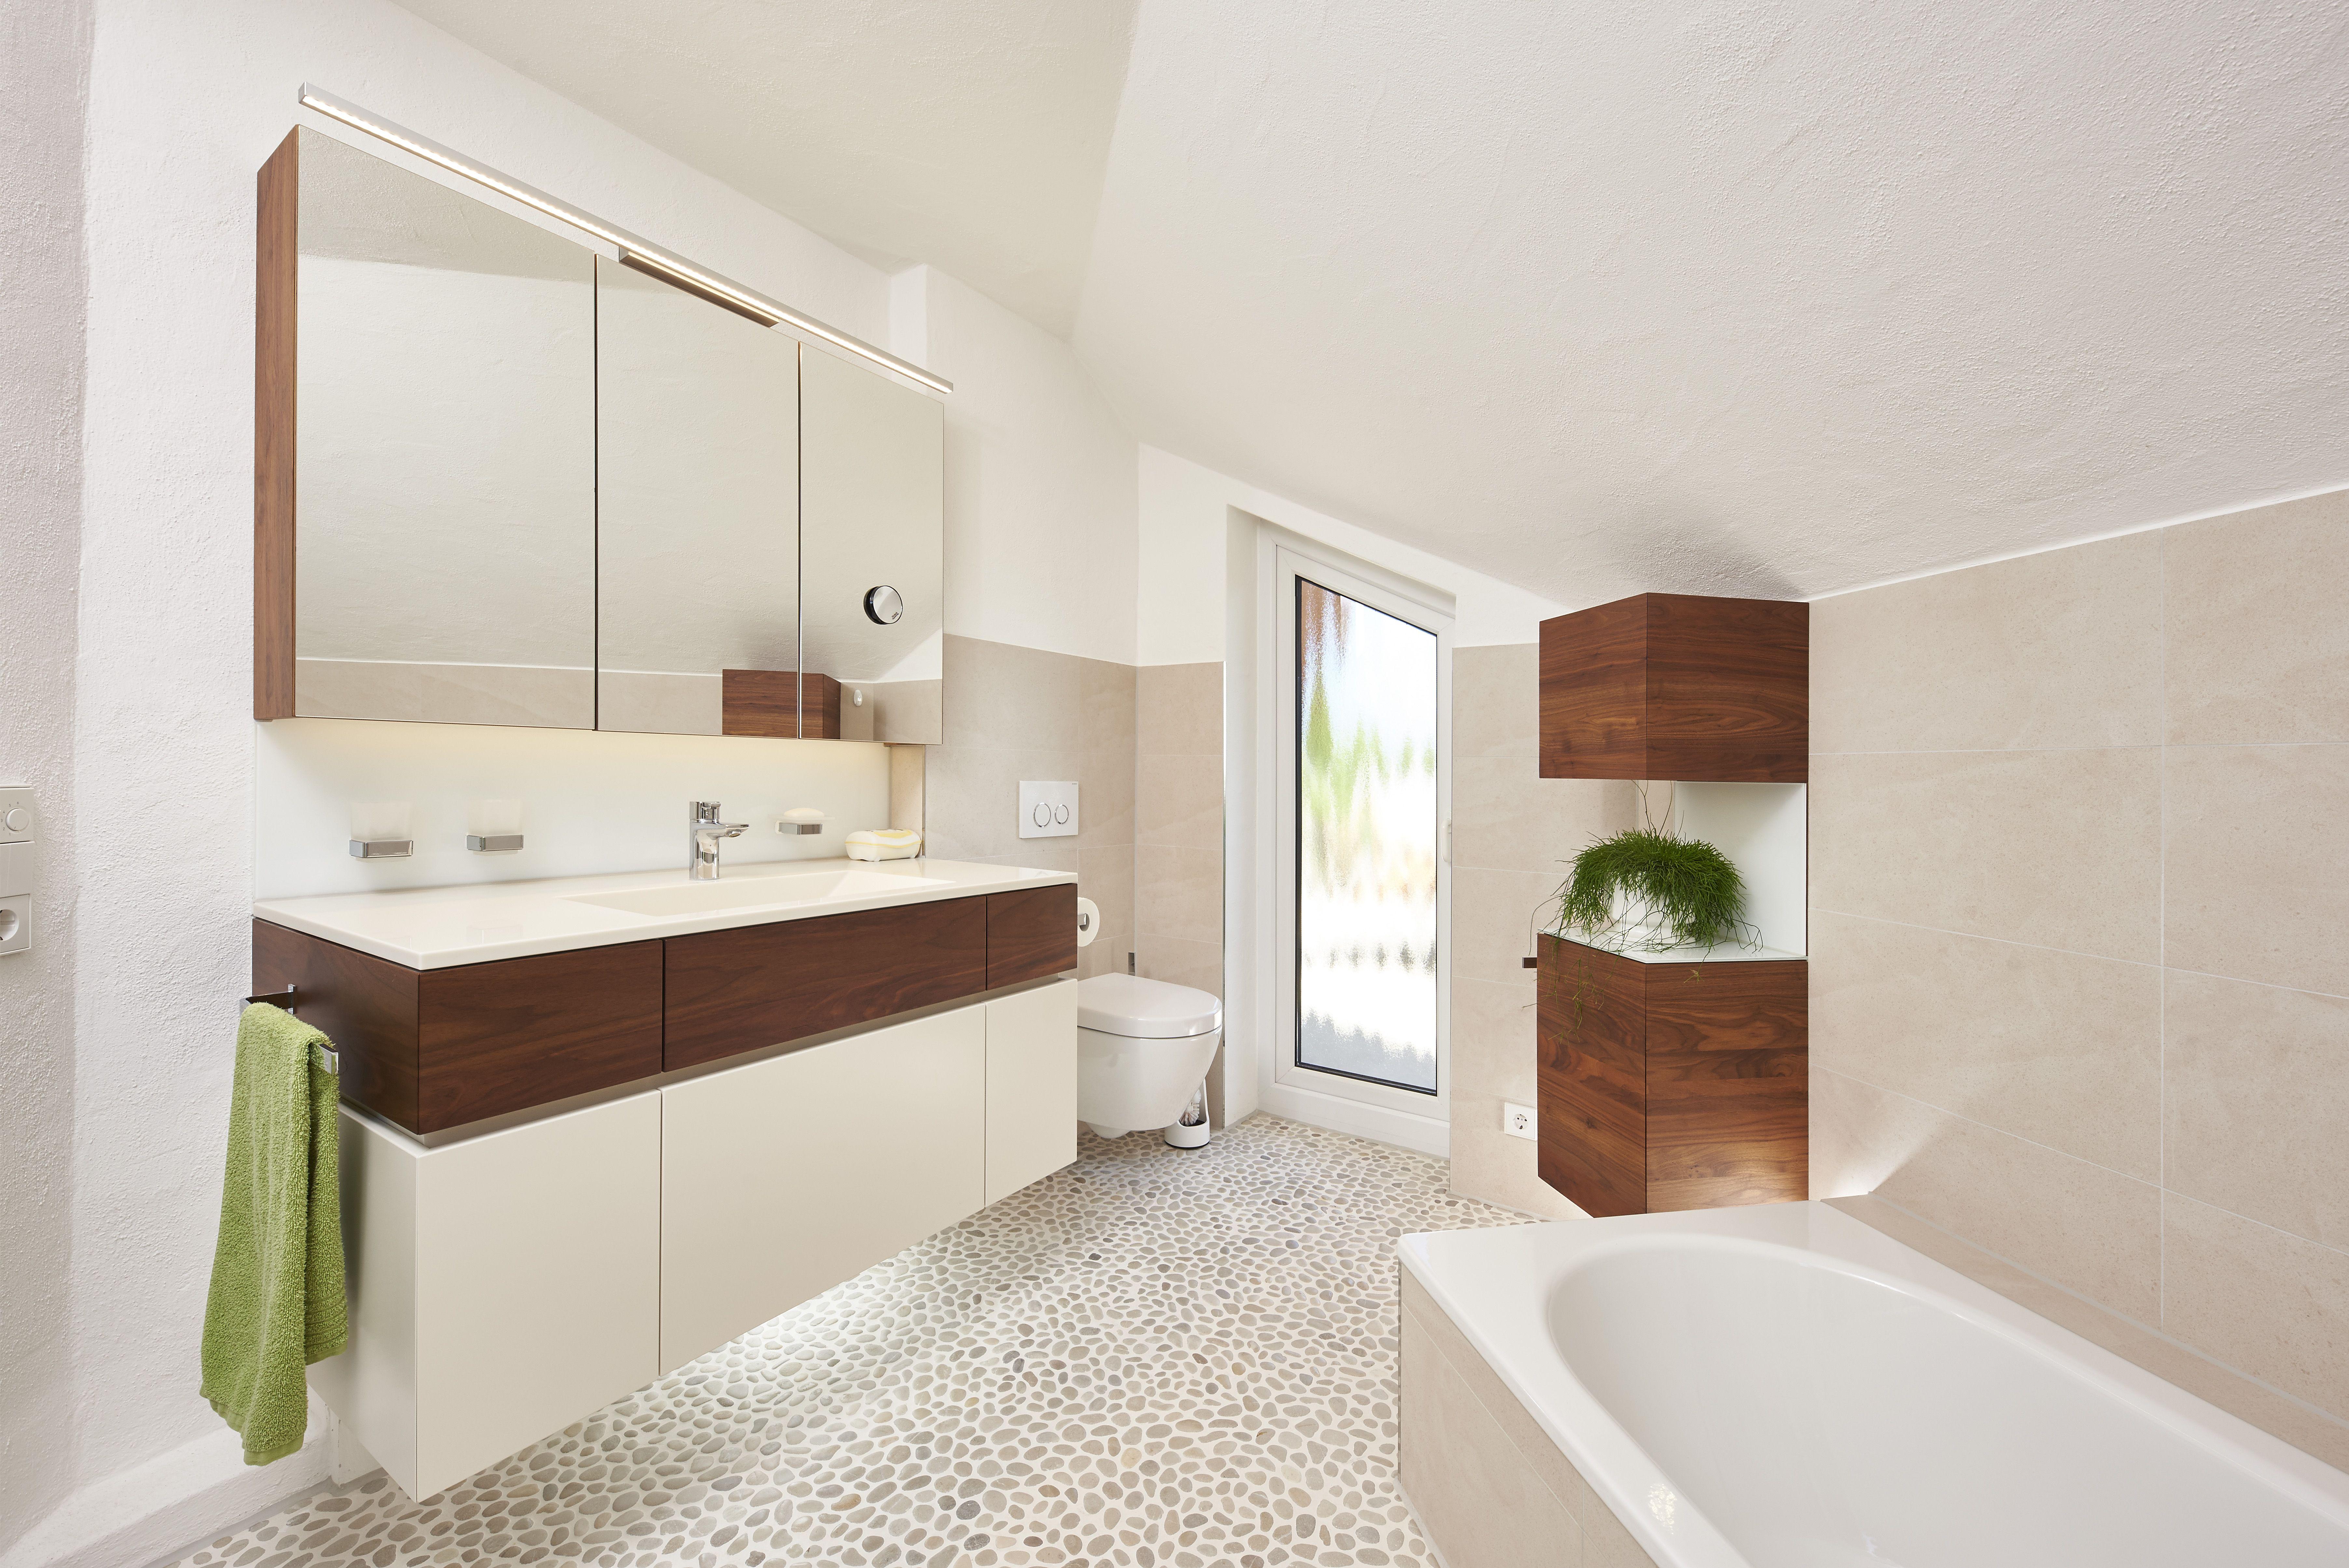 Dieses Bad mit fugenlosem Einlasswaschbecken und